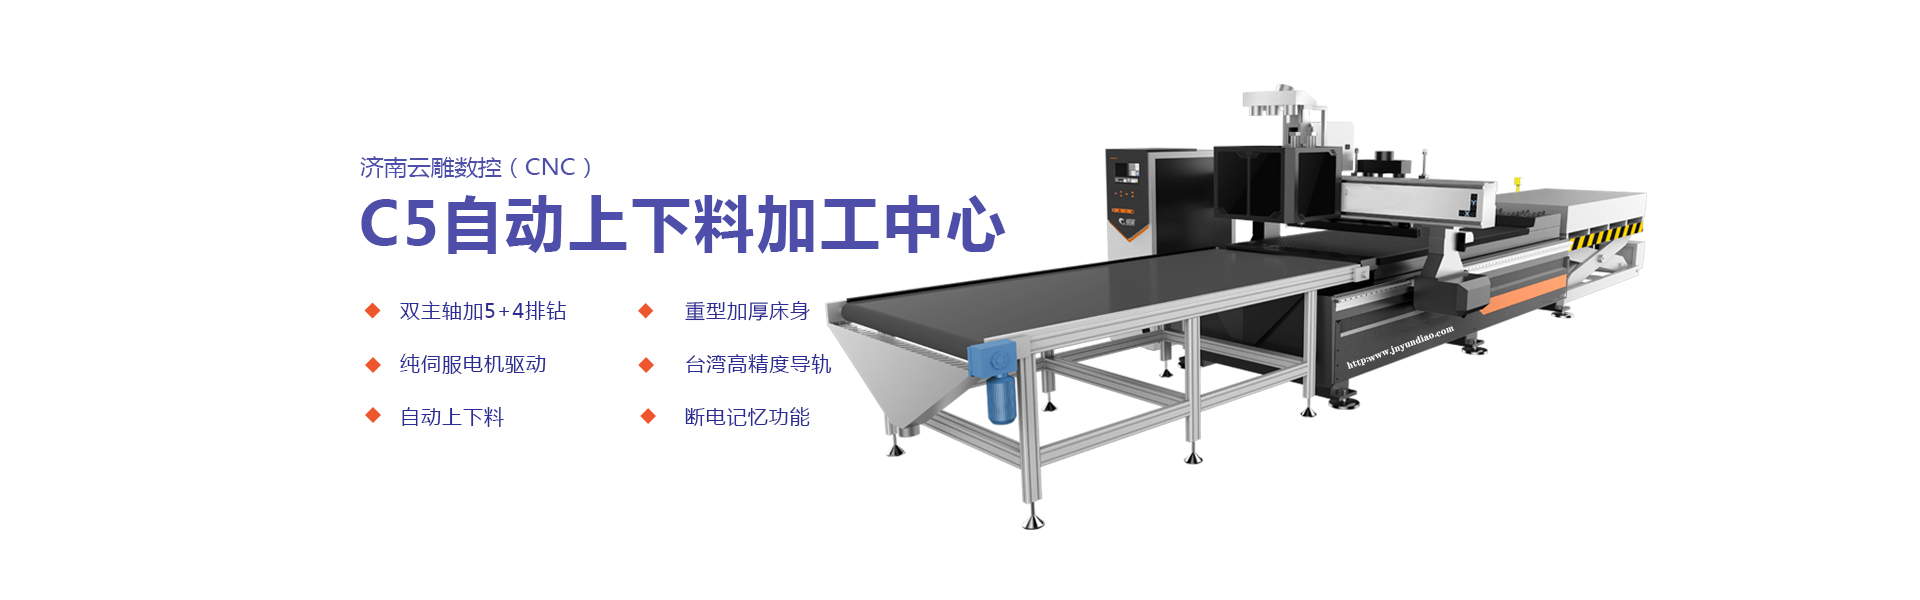 板式家具橱柜门板设备